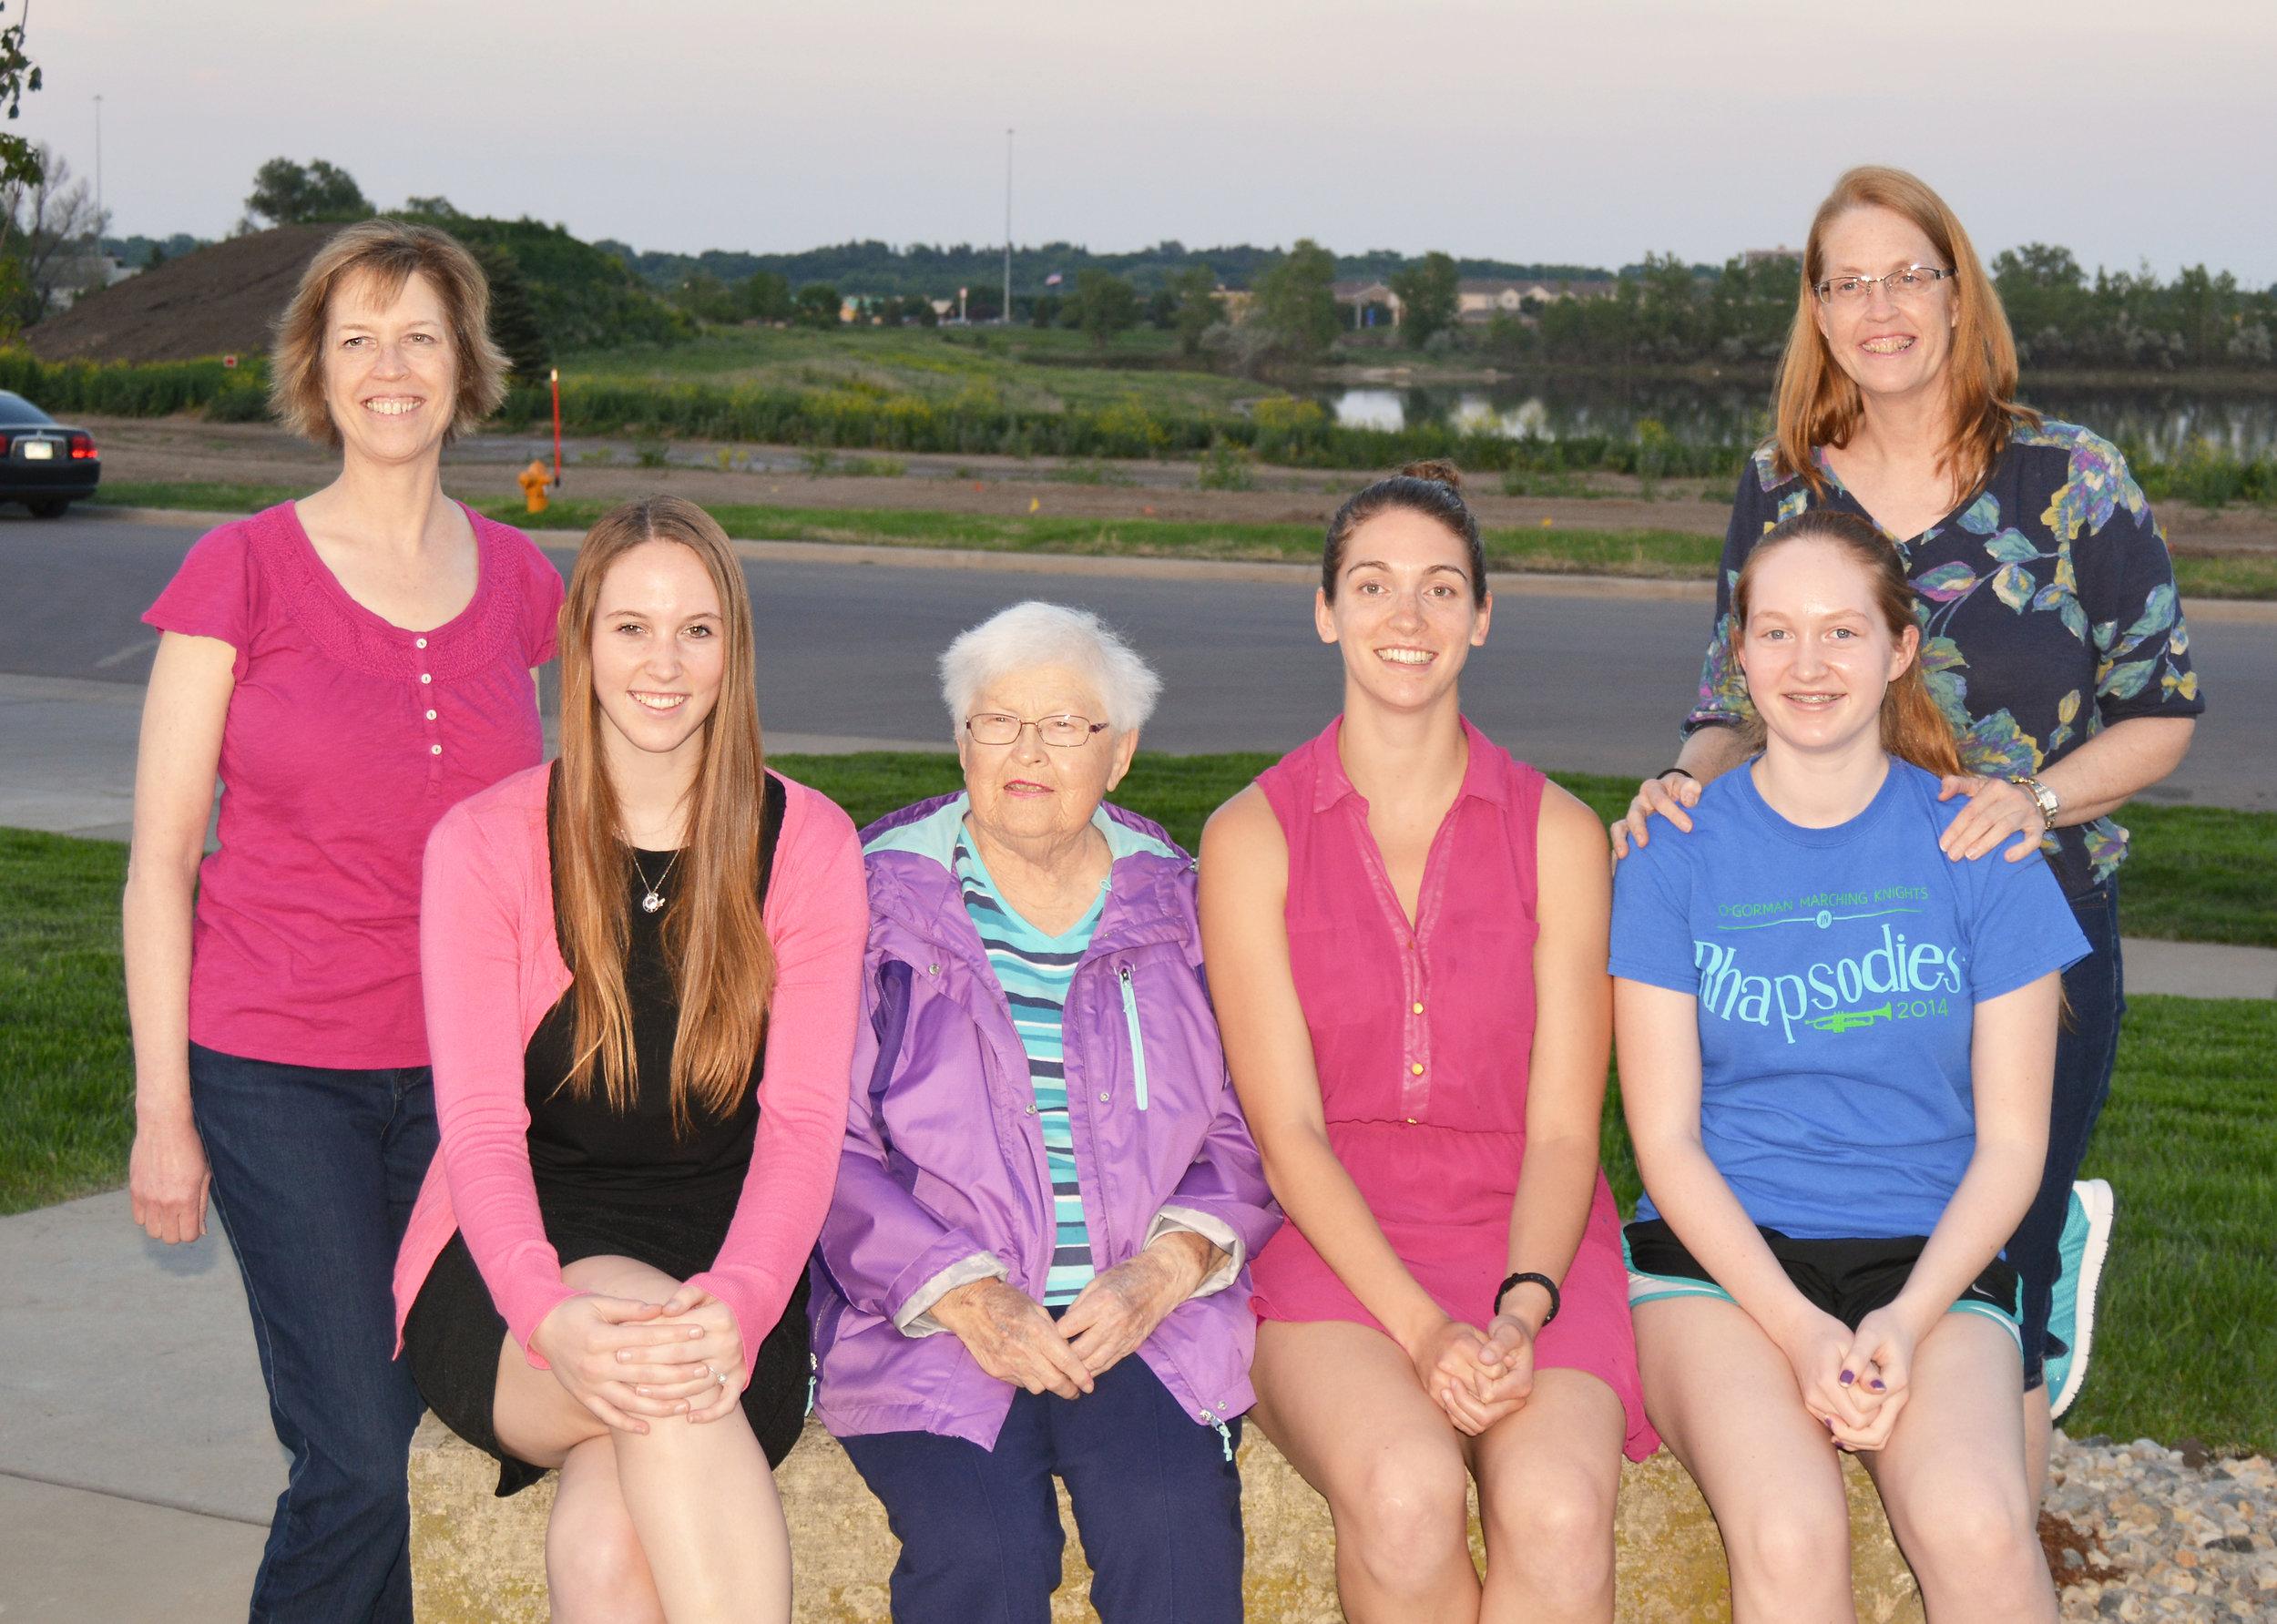 Three generations of Friessen women: Cindy Monnin, Allie Hubers, Hilda Lorraine Friessen, Katie Monnin, Angie Vognild, Patty Vognild.